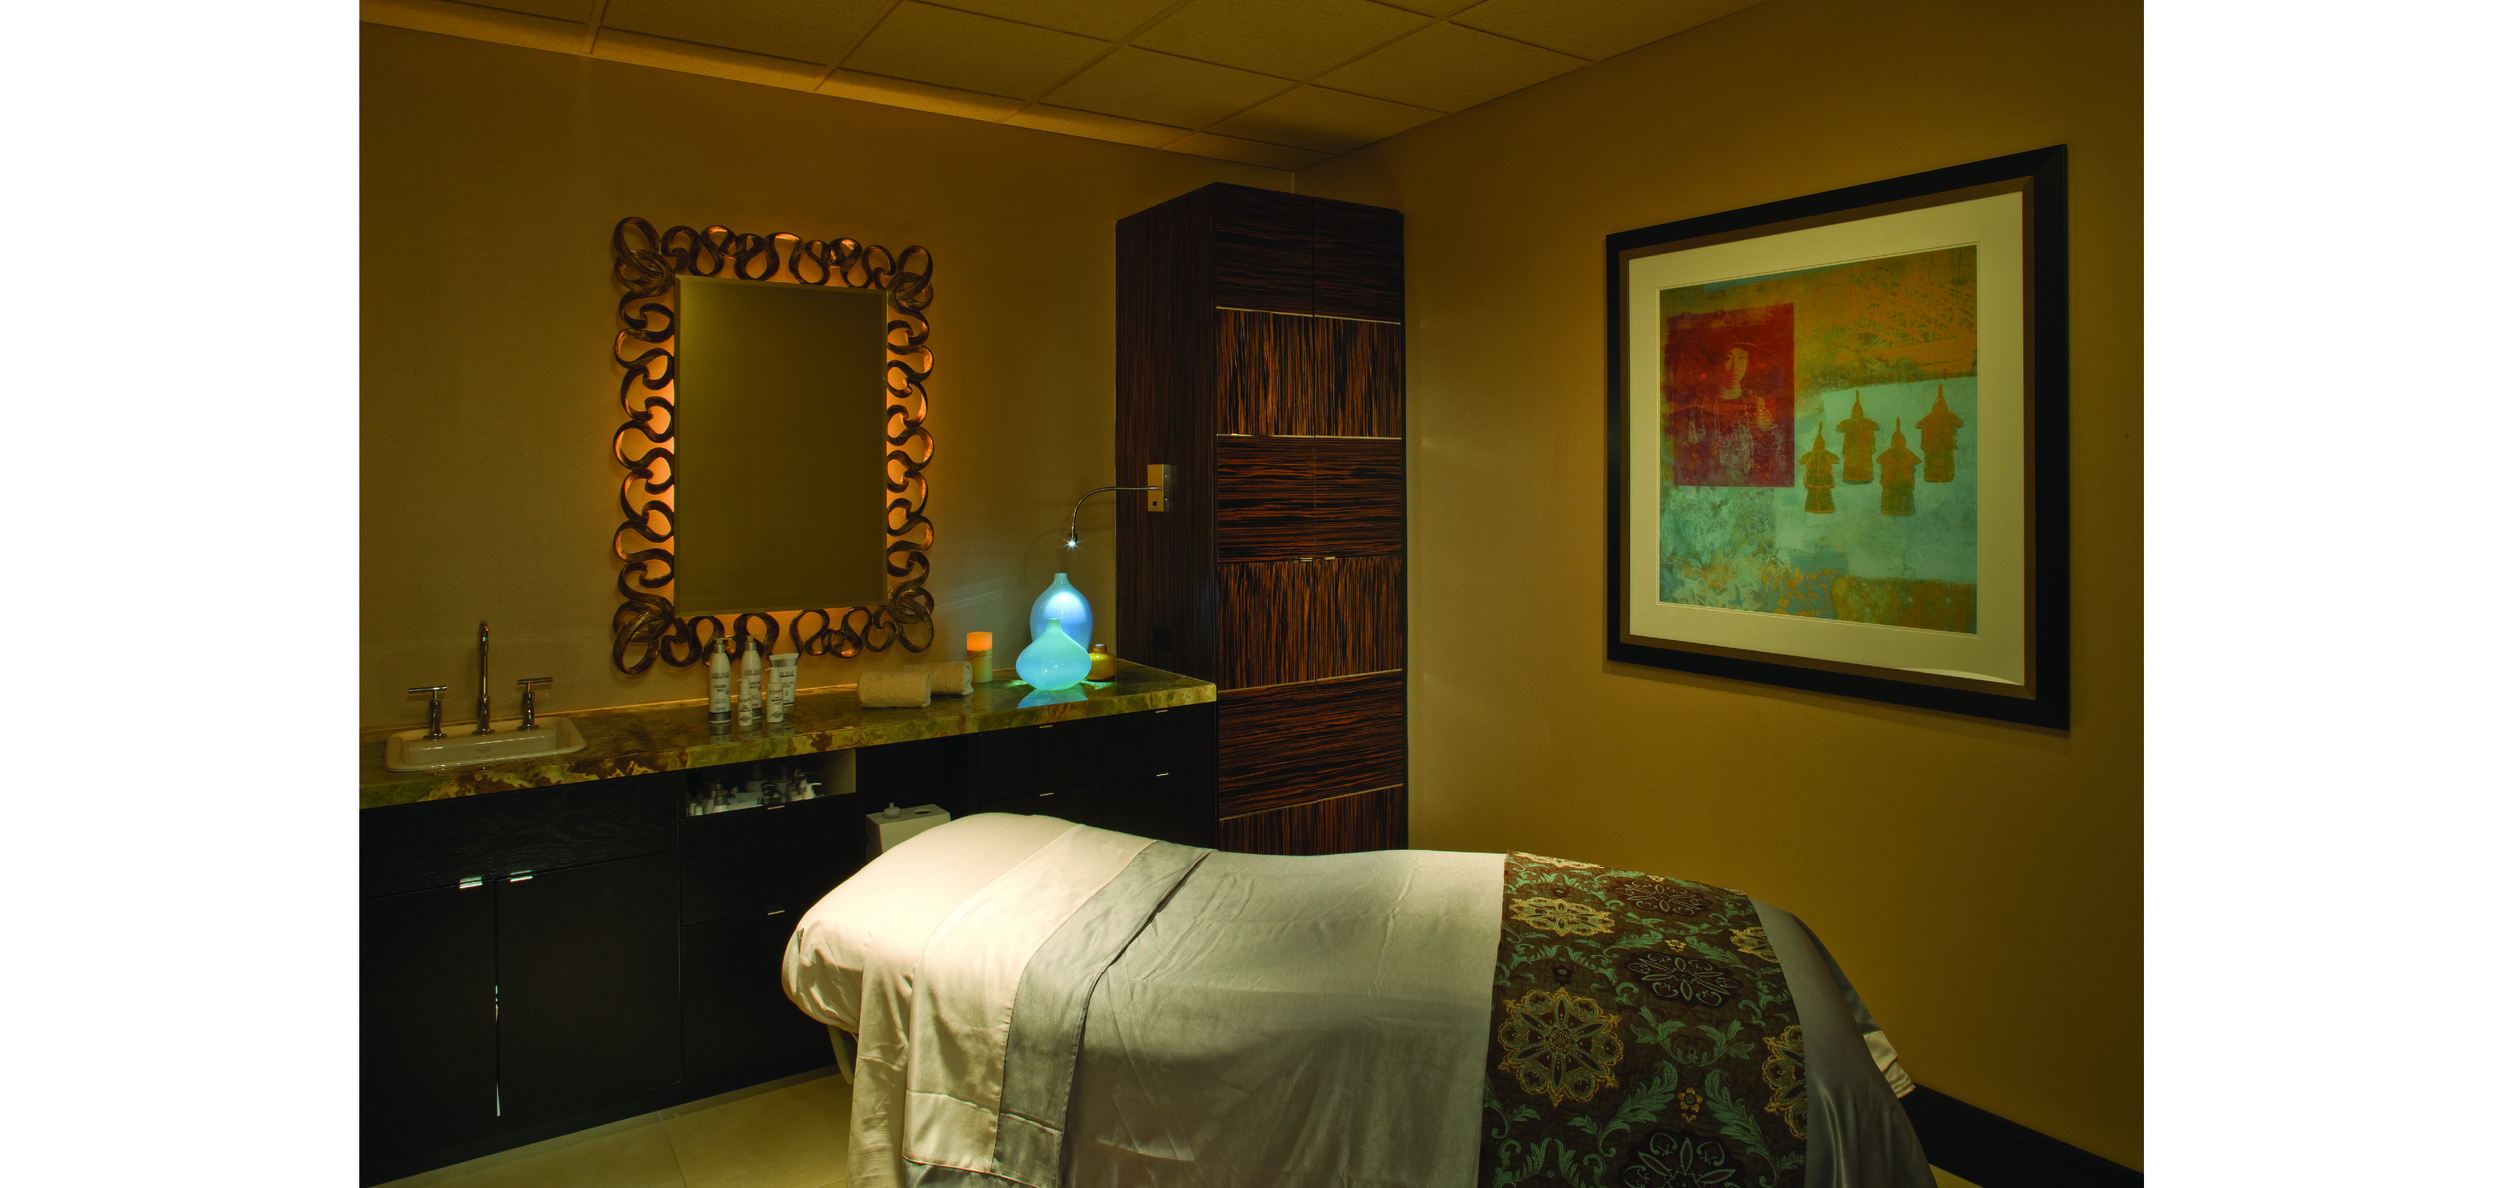 V spa Treatment Room